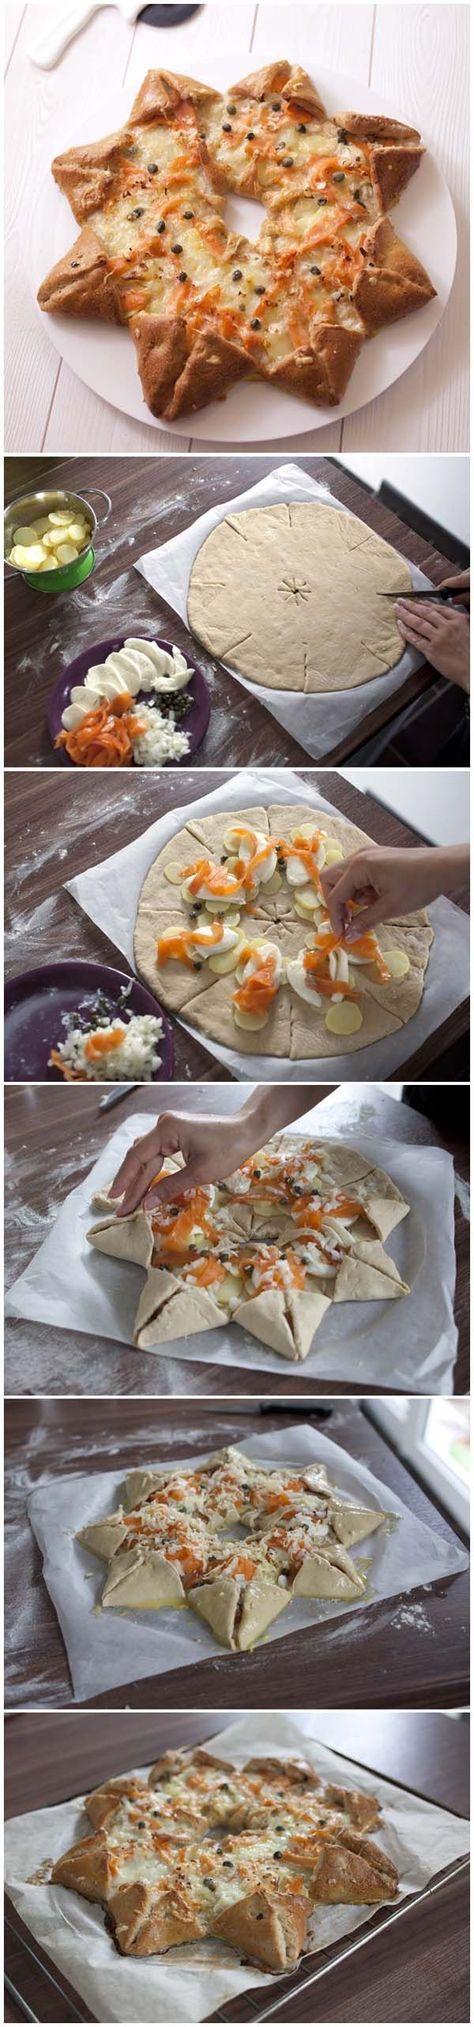 Pizza étoile des neiges au saumon fumé et pommes de terre: